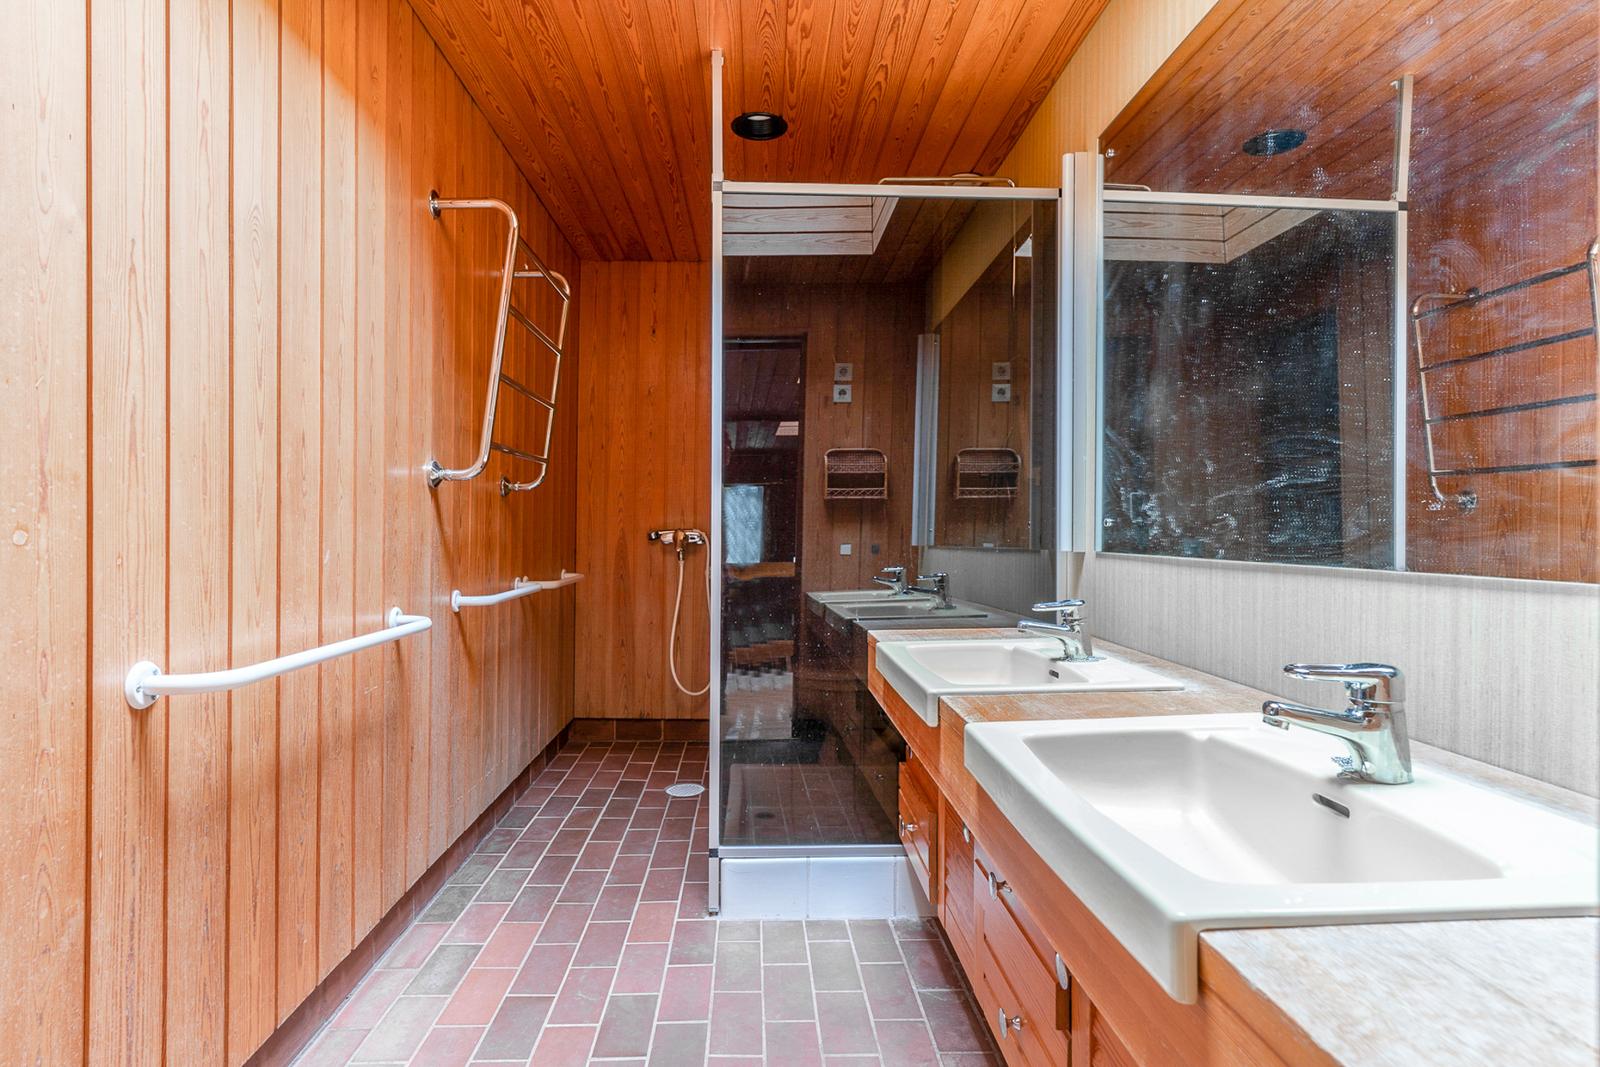 Kylpyhuoneessa voi peseytyä kattoikkunasta tulevassa luonnonvalossa title=